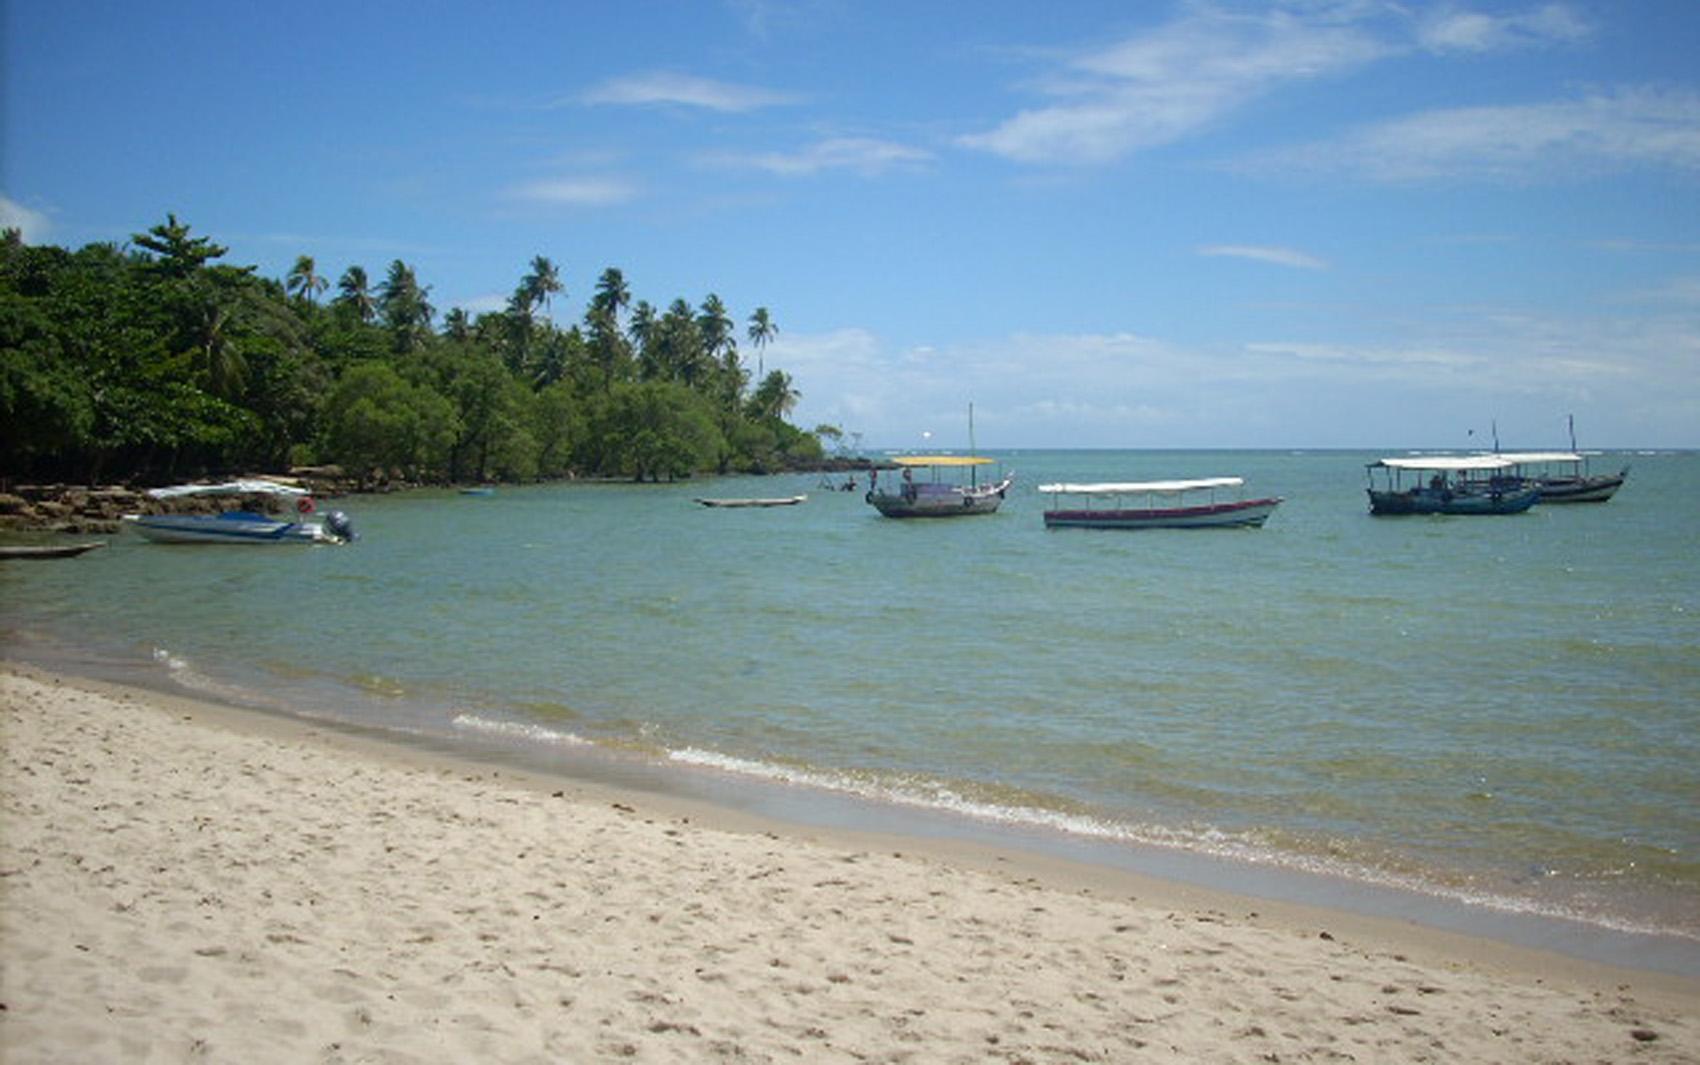 'Um dos recantos mais belos do litoral baiano', diz o leitor sobre a Ilha de Boipeba.